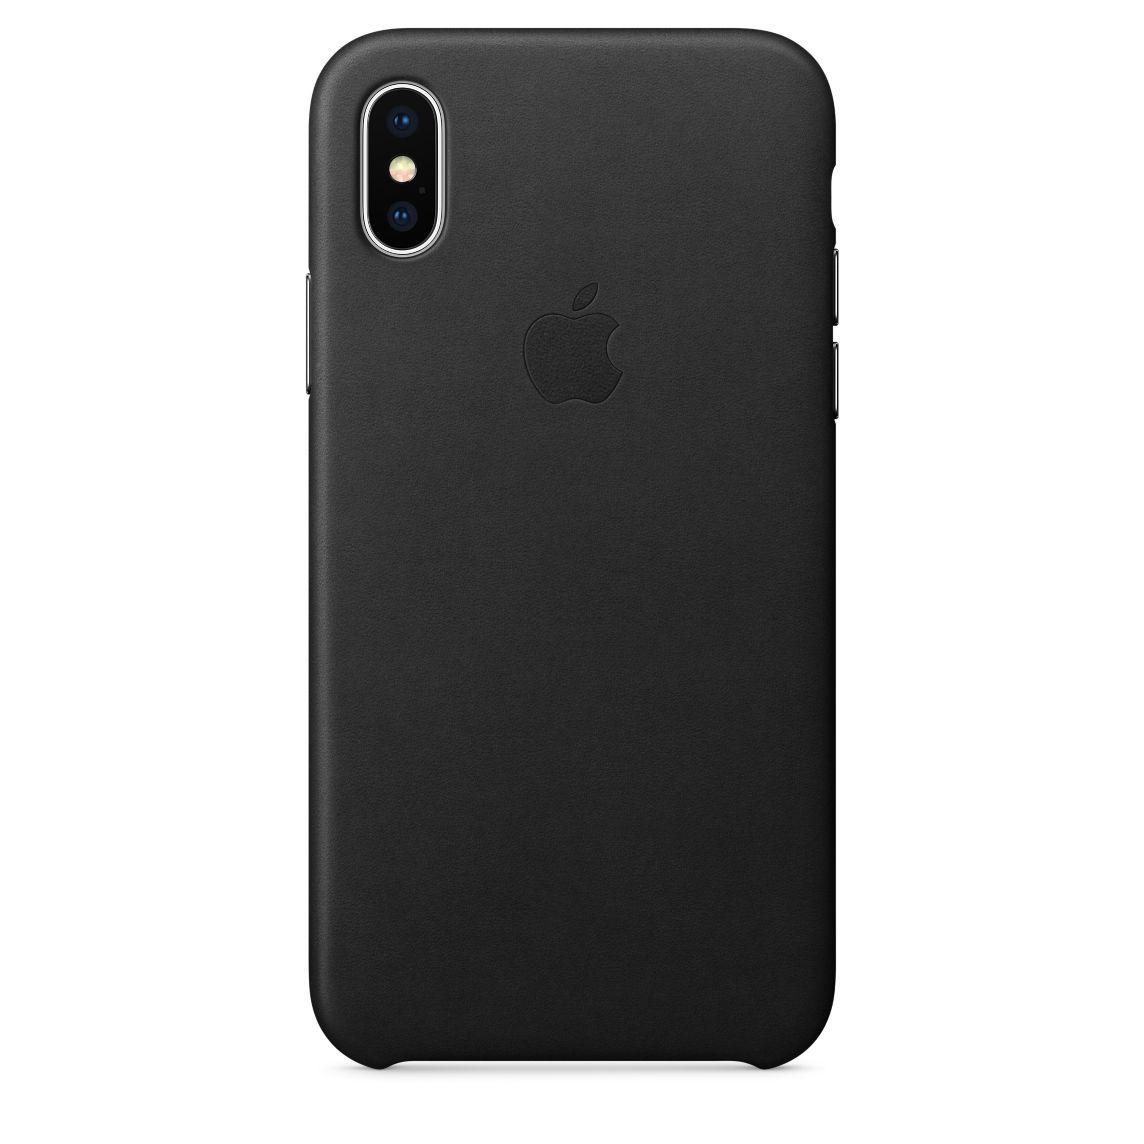 Iphone X Leder Case Sattelbraun Apple De Accesorios Para Iphone Fundas Para Iphone Fundas Para Ipad